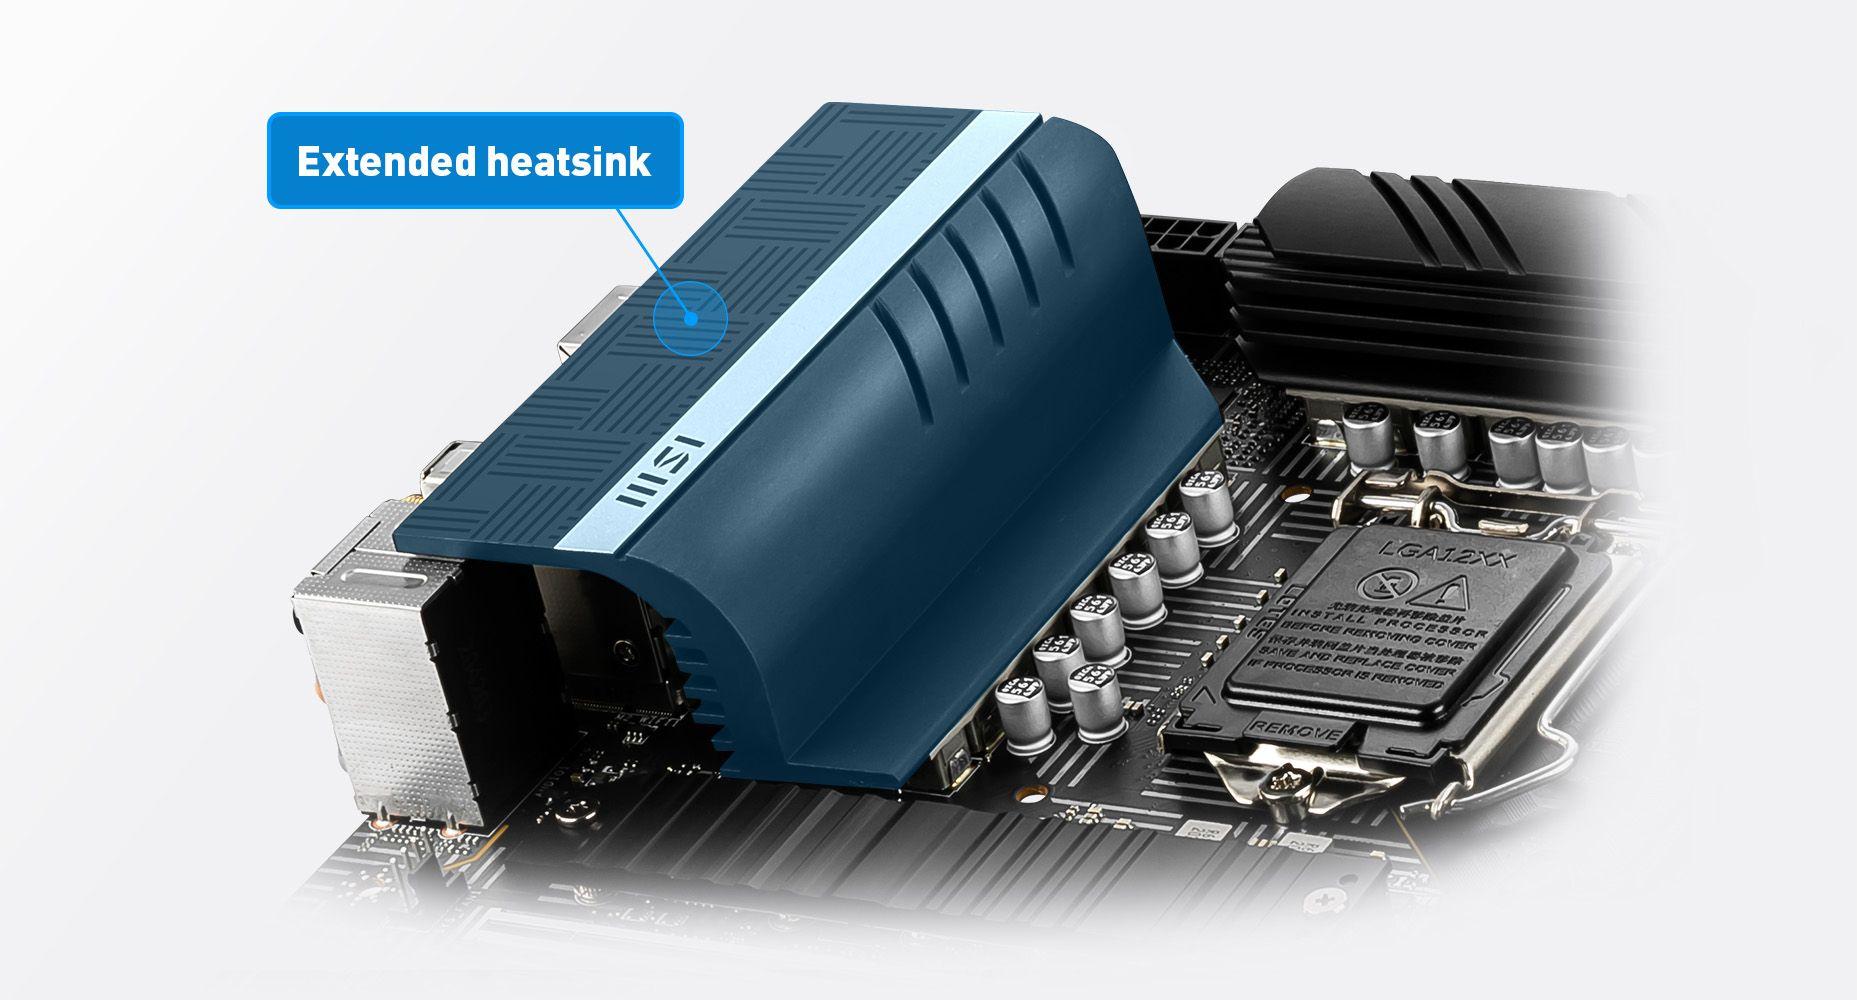 MSI Z590 PRO WIFI EXTENDED HEATSINK